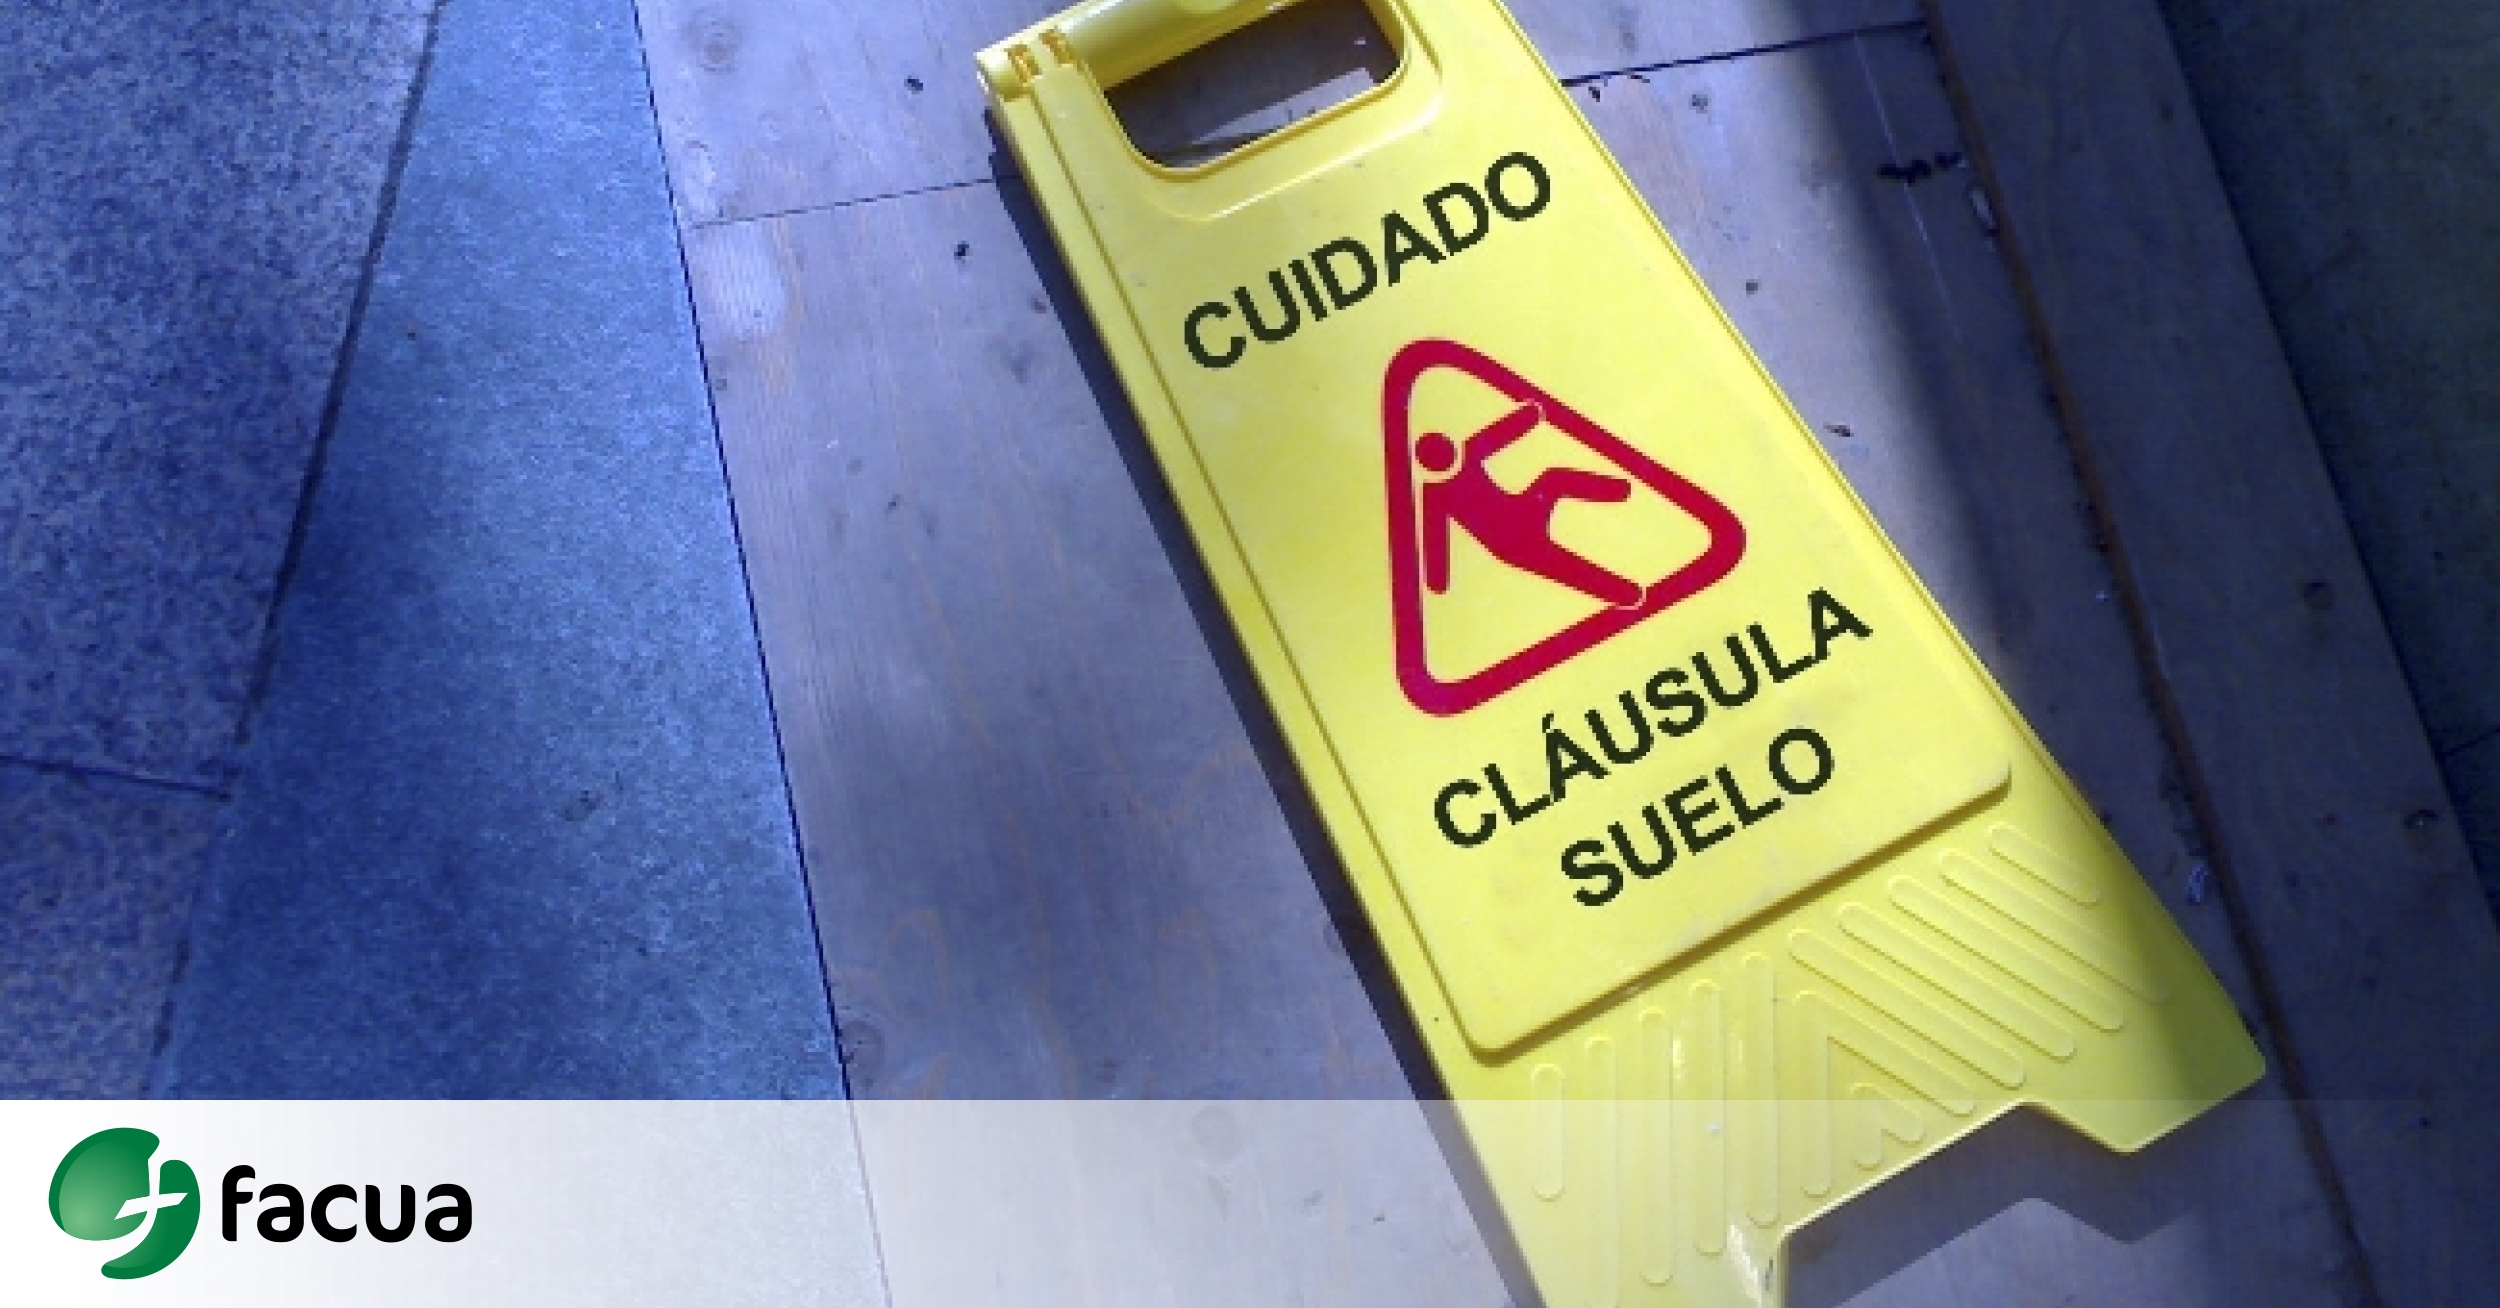 Facua te ayuda a reclamar por la cl usula suelo y los for Clausula suelo asturias